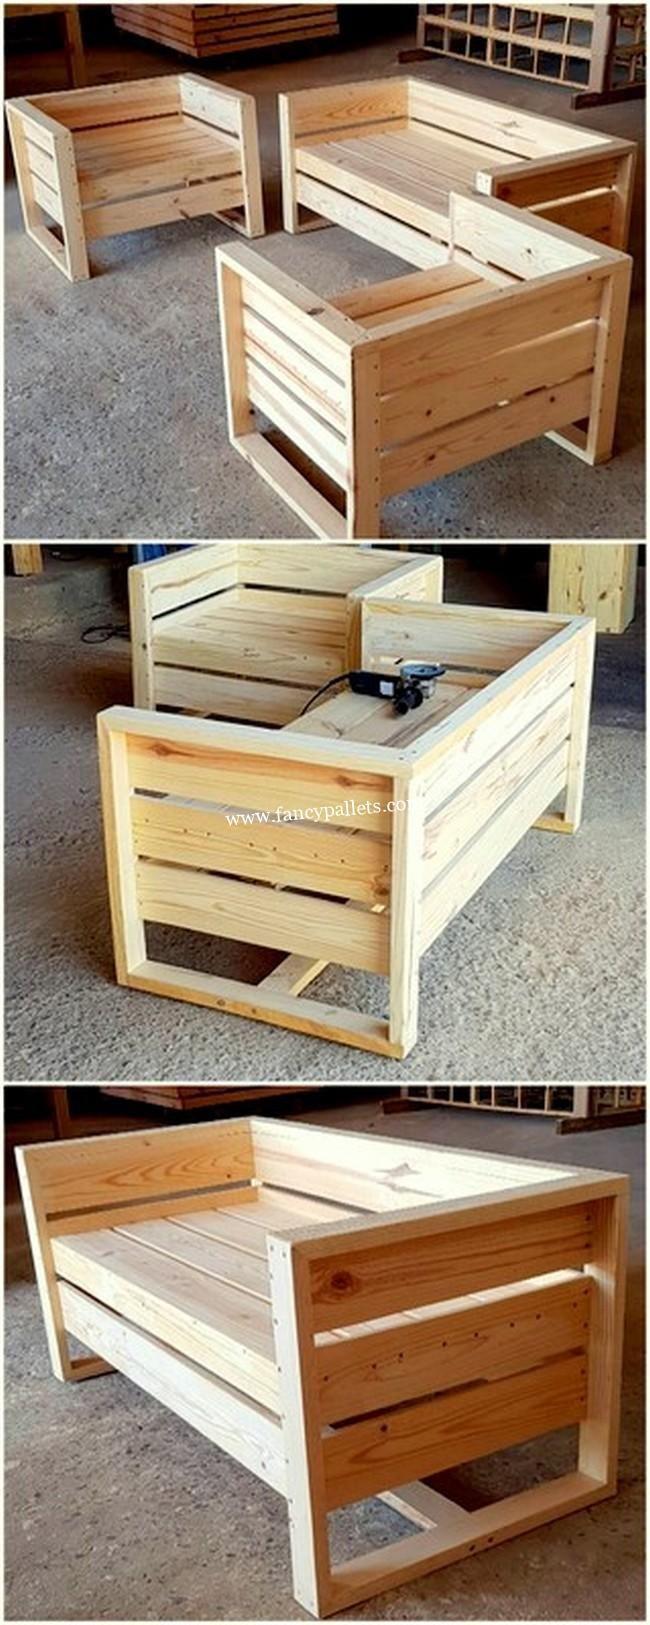 DIY-Palettenholzmöbel-Ideen mit wiederverwendetem Material – Phantasiepaletten